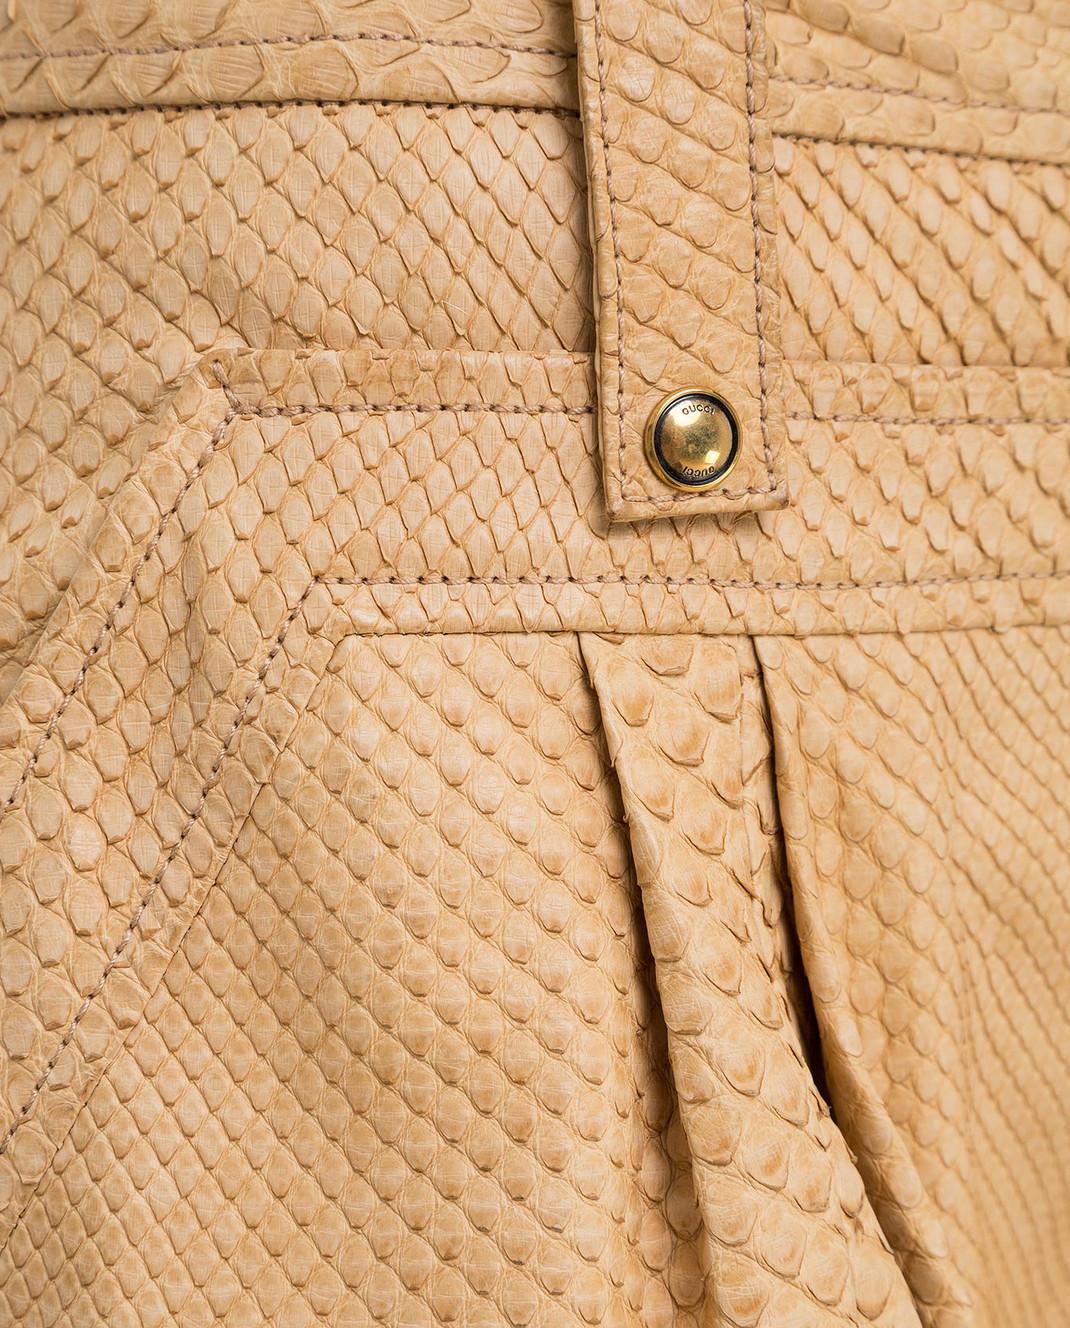 Gucci Бежевые брюки из кожи питона 264366 изображение 5